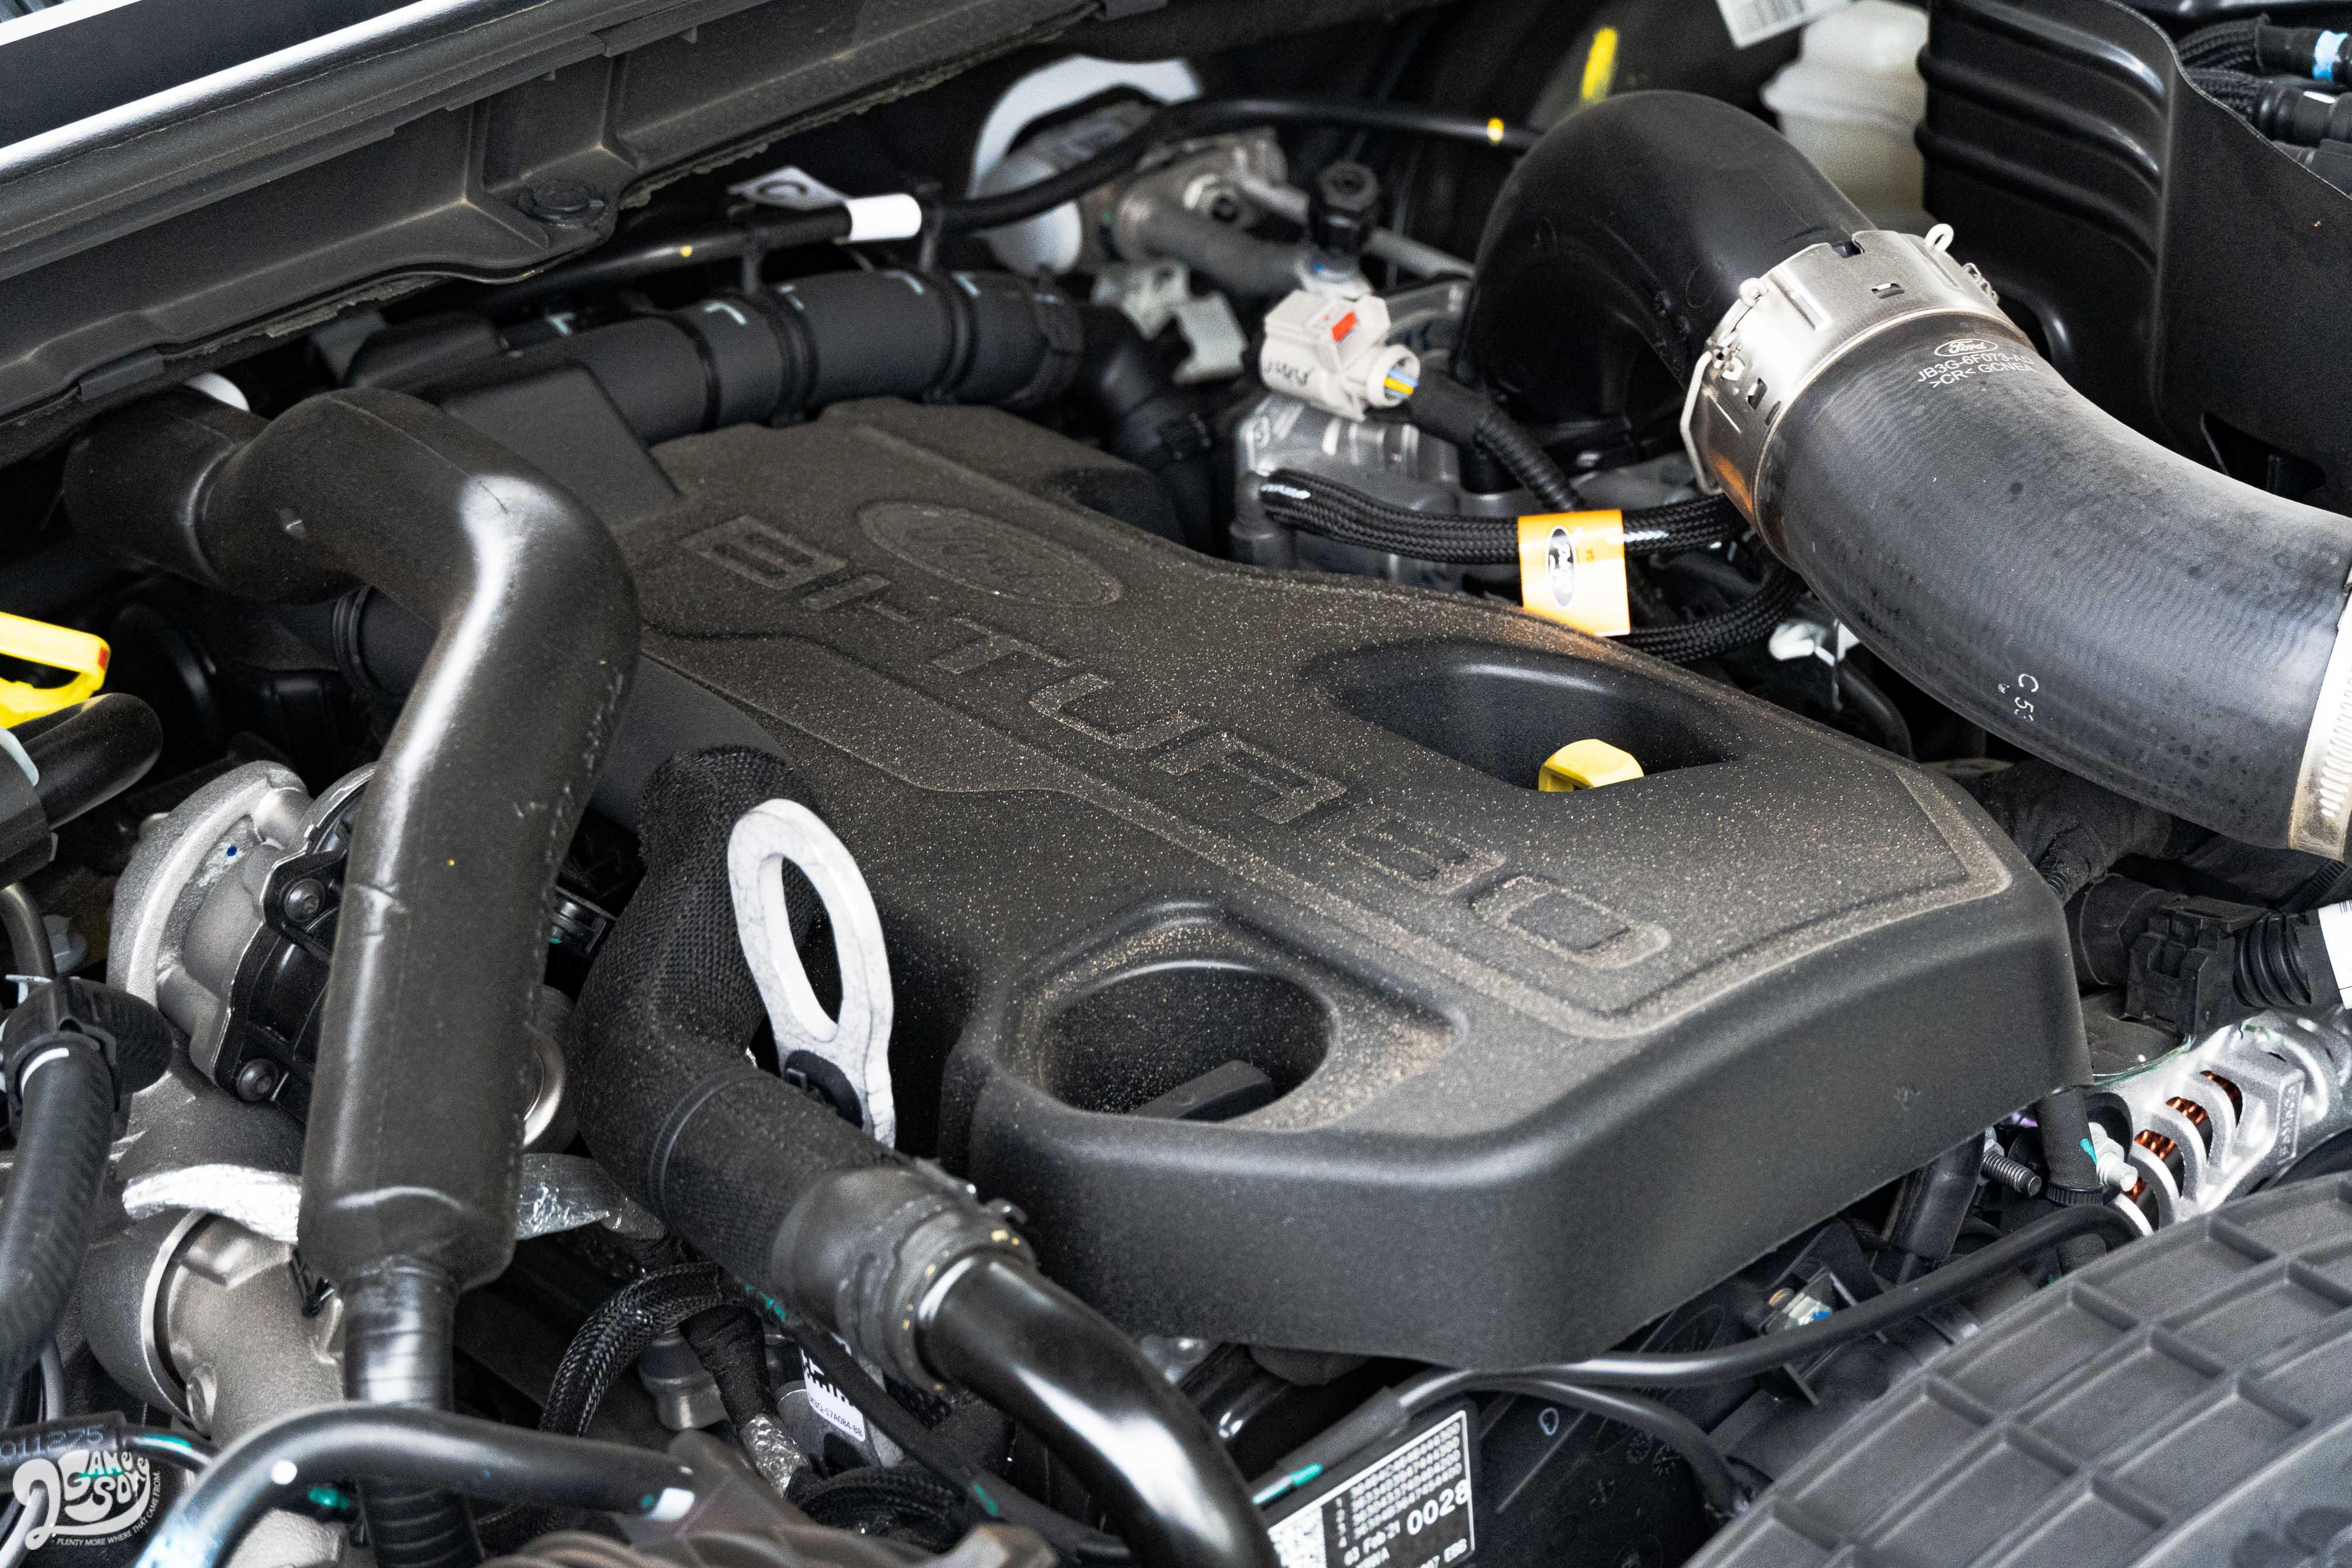 Ranger 運動型搭載四缸柴油渦輪引擎,最大馬力 213 ps,扭力則是 51 公斤米。